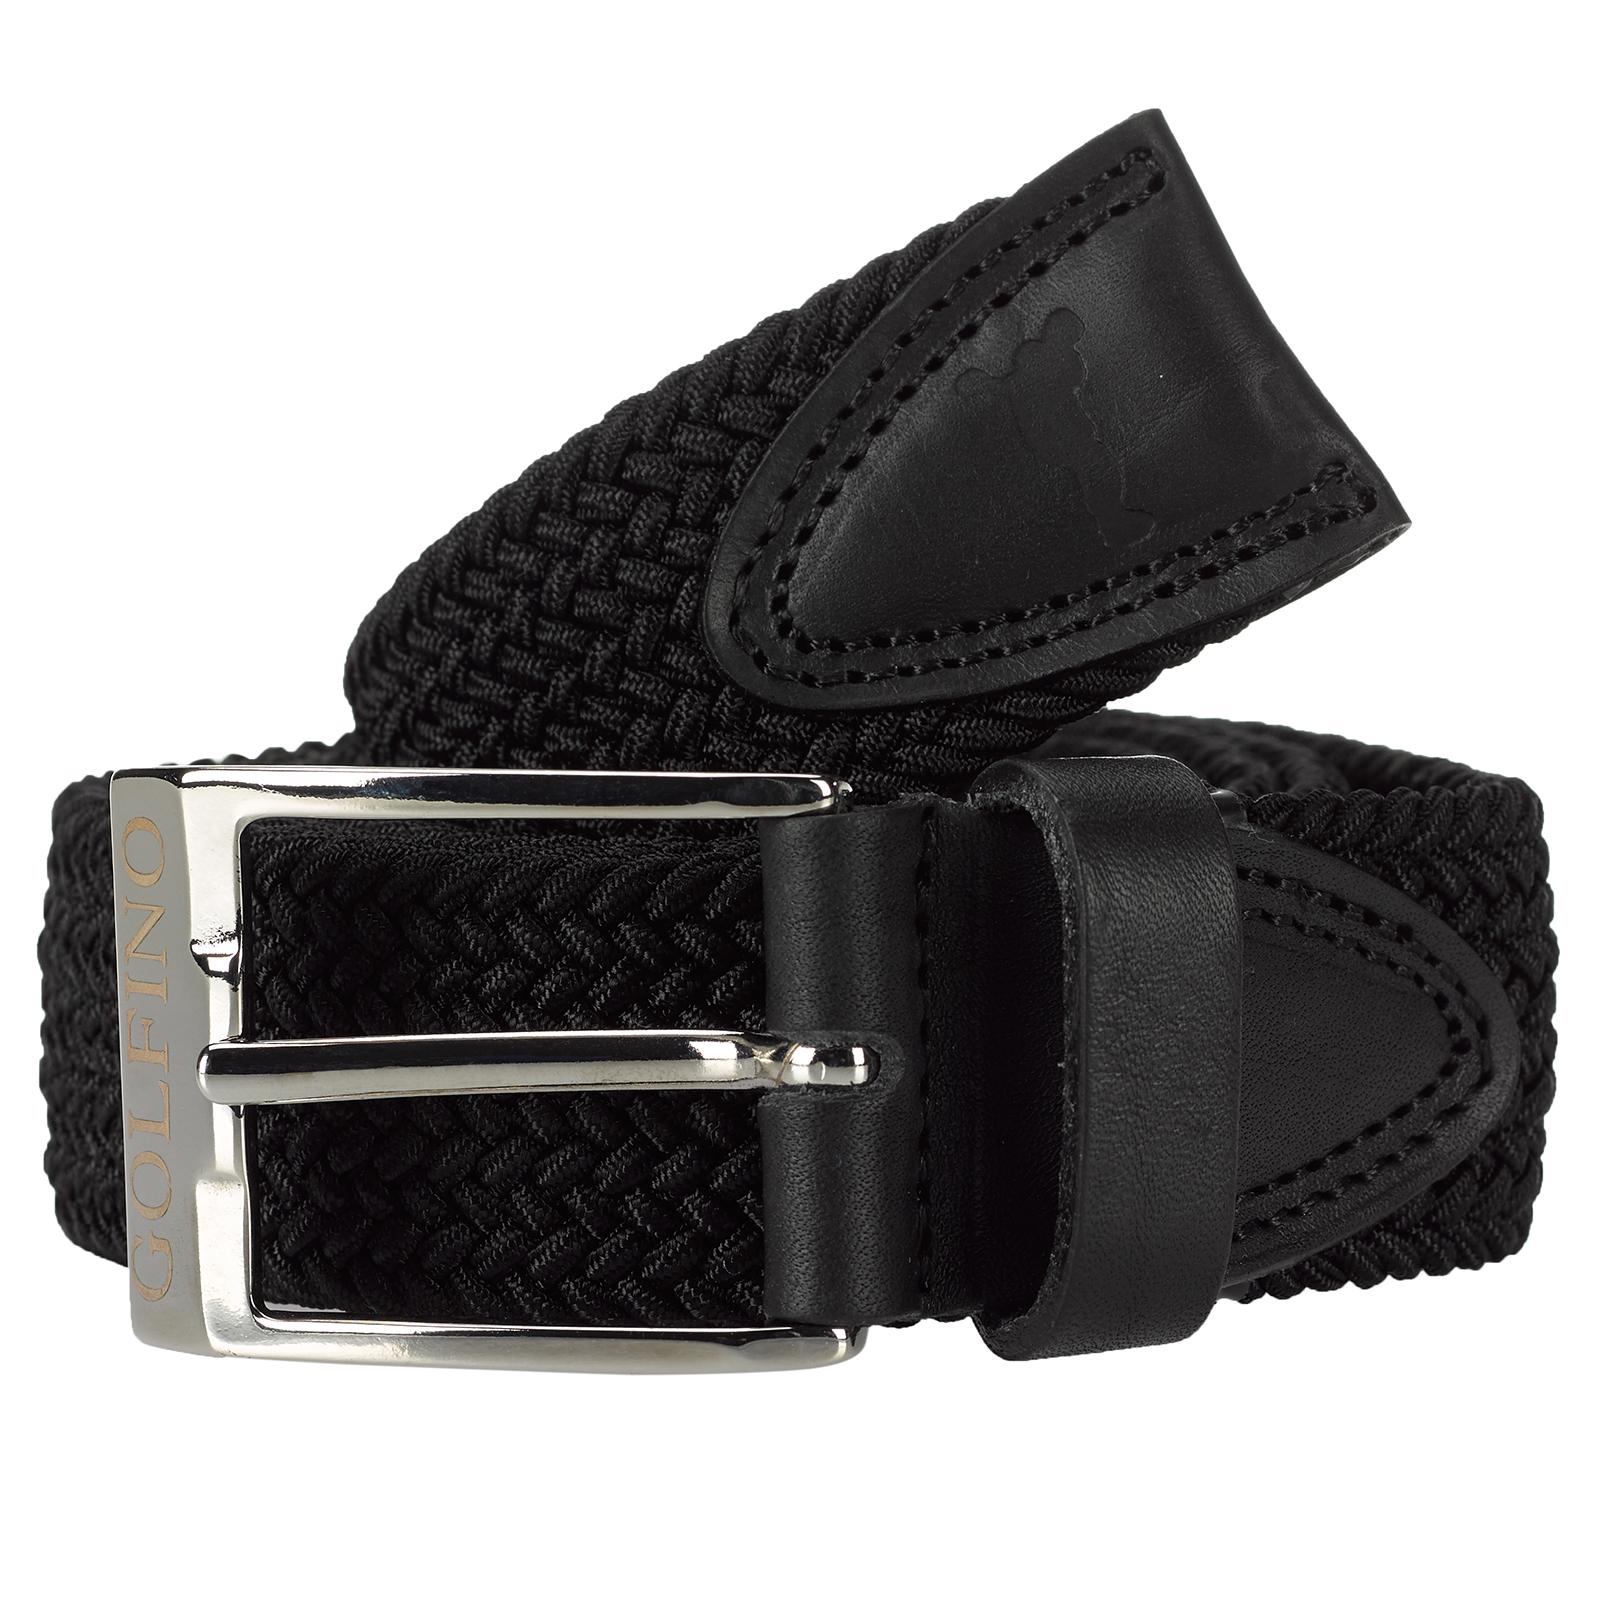 Cinturón elástico de golf de hombre con un ribete de alta calidad de cuero auténtico